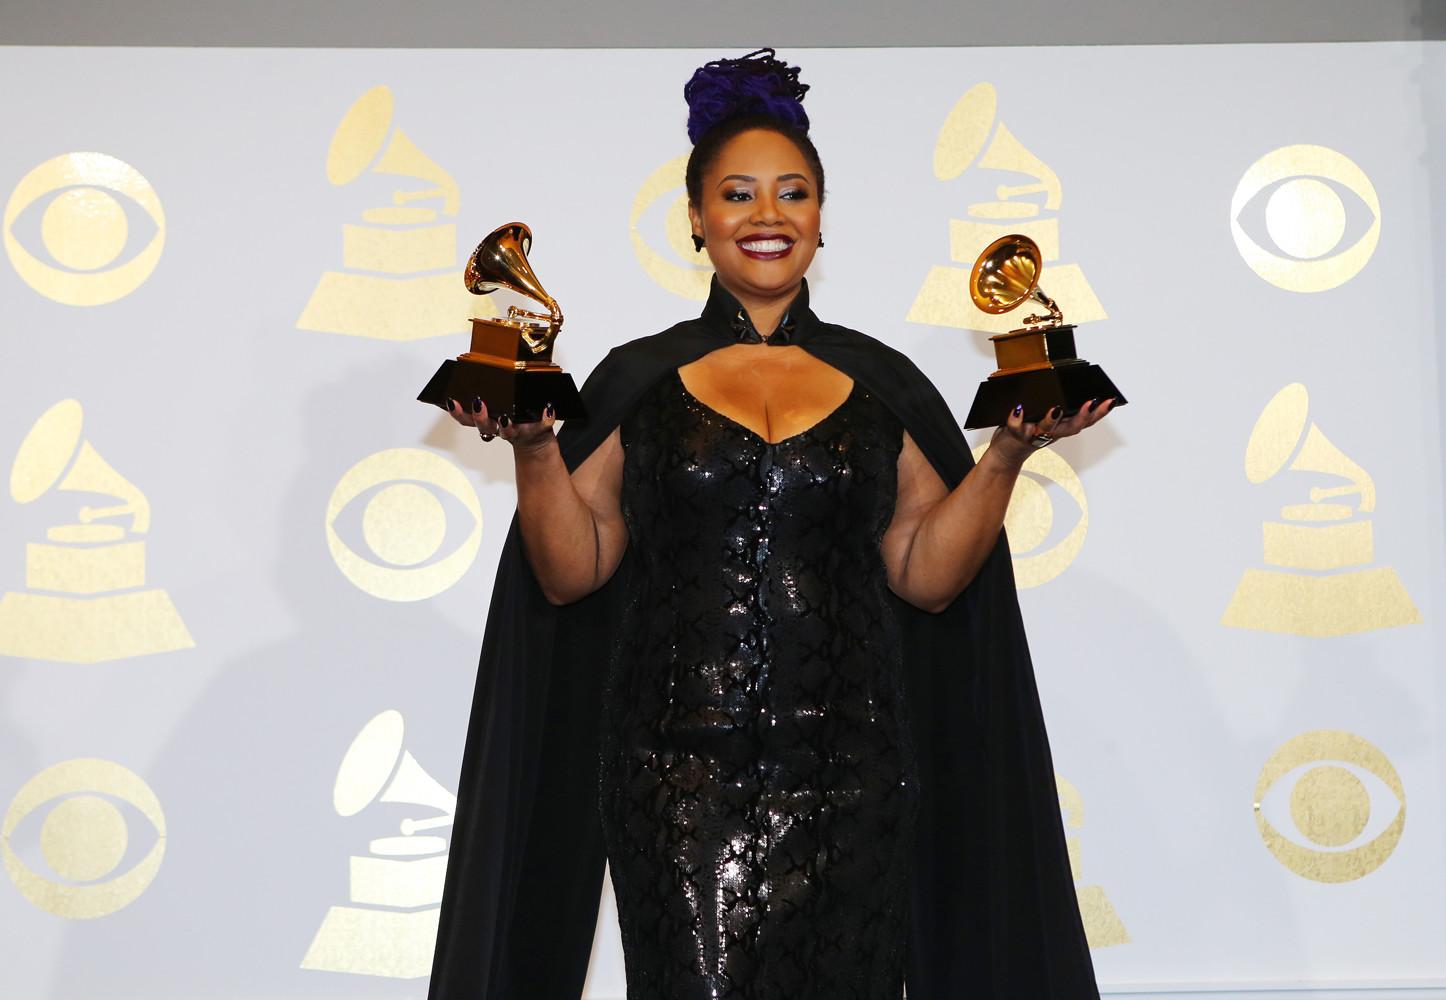 Лала Хэтэуэй получила две награды, в том числе за «Лучший R&B альбом»